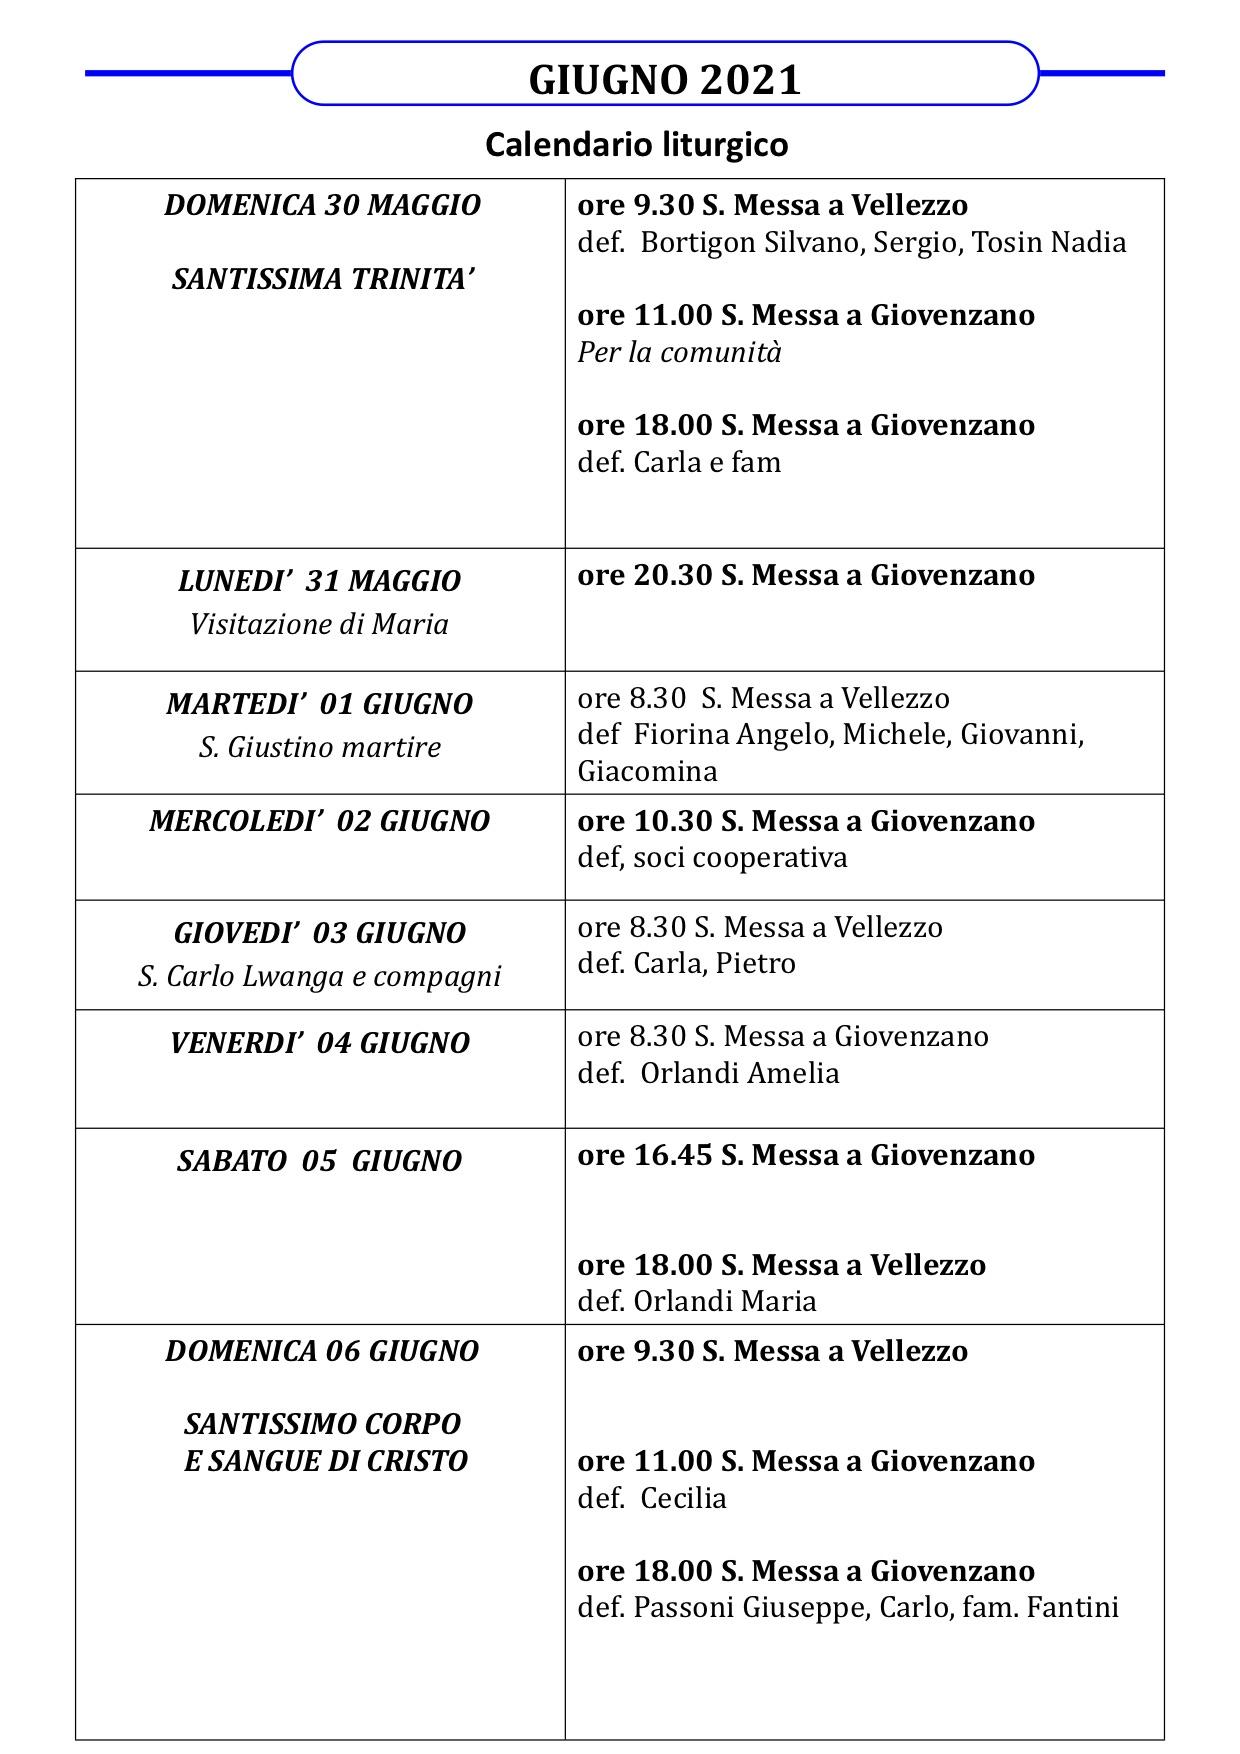 Calendario Liturgico dal 30 maggio al 6 giugno 2021